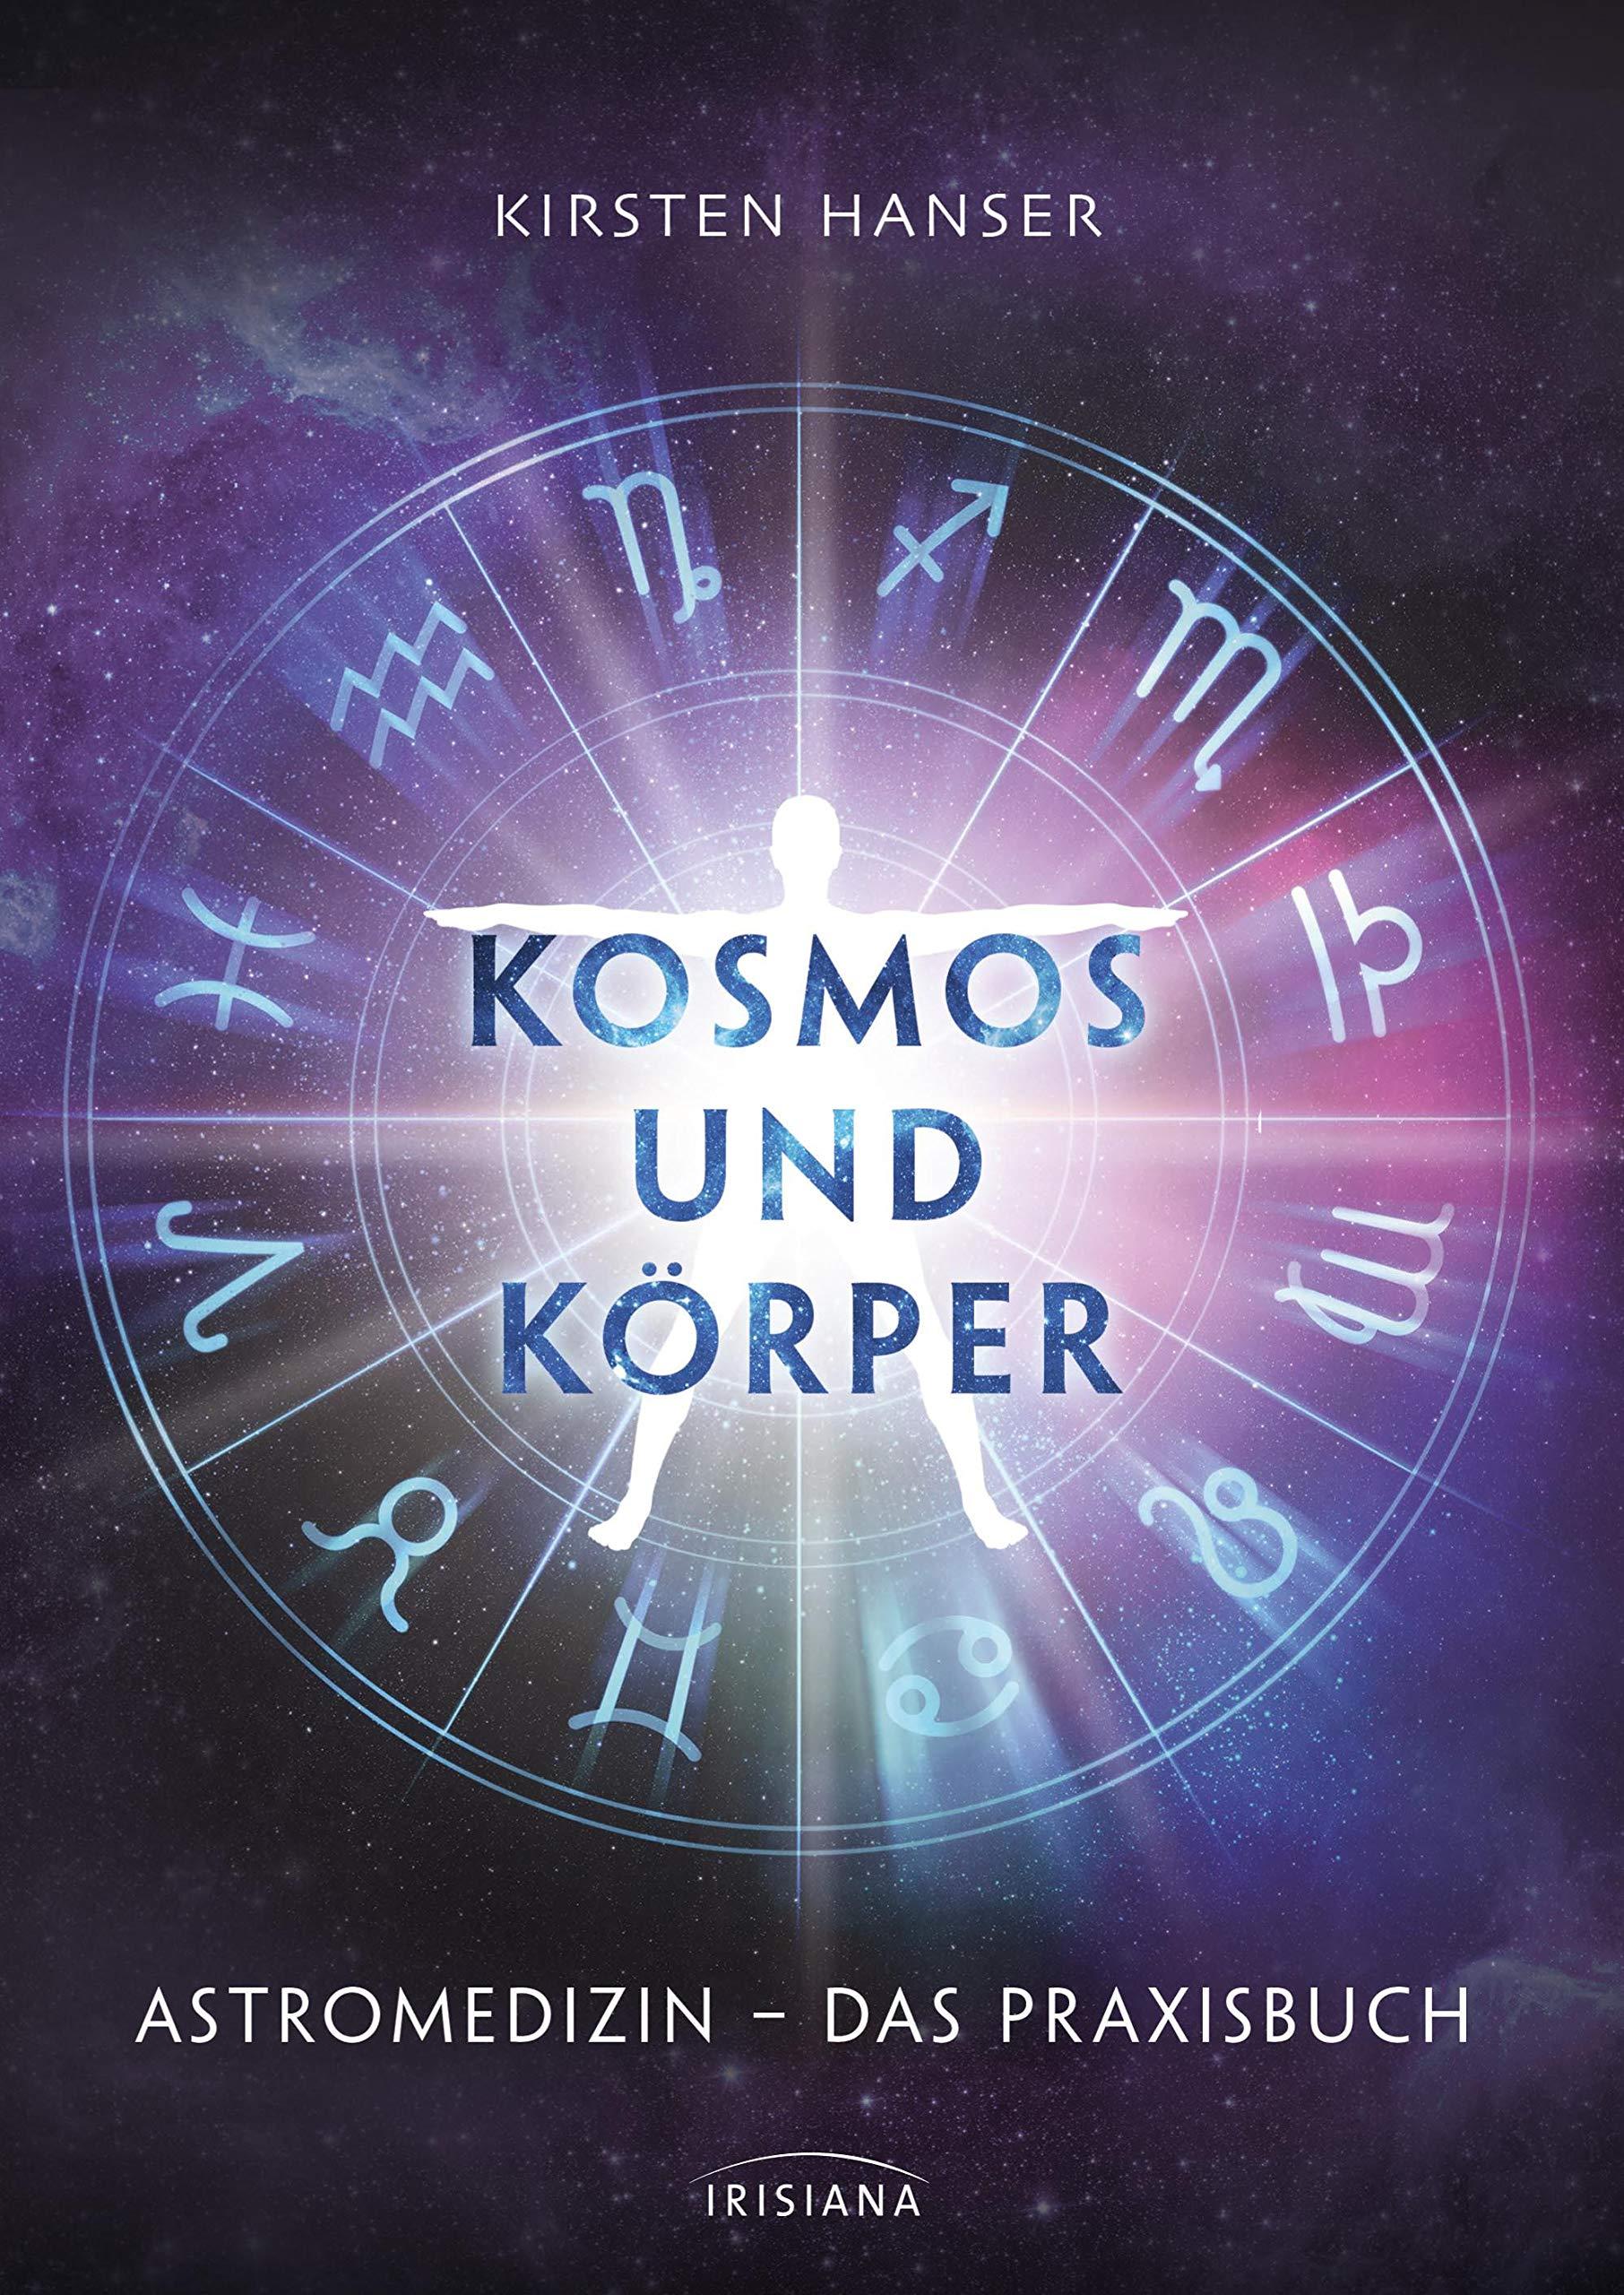 Kosmos und Körper: Astromedizin – das Praxisbuch Gebundenes Buch – 5. November 2018 Kirsten Hanser Irisiana 3424153389 Aszendent